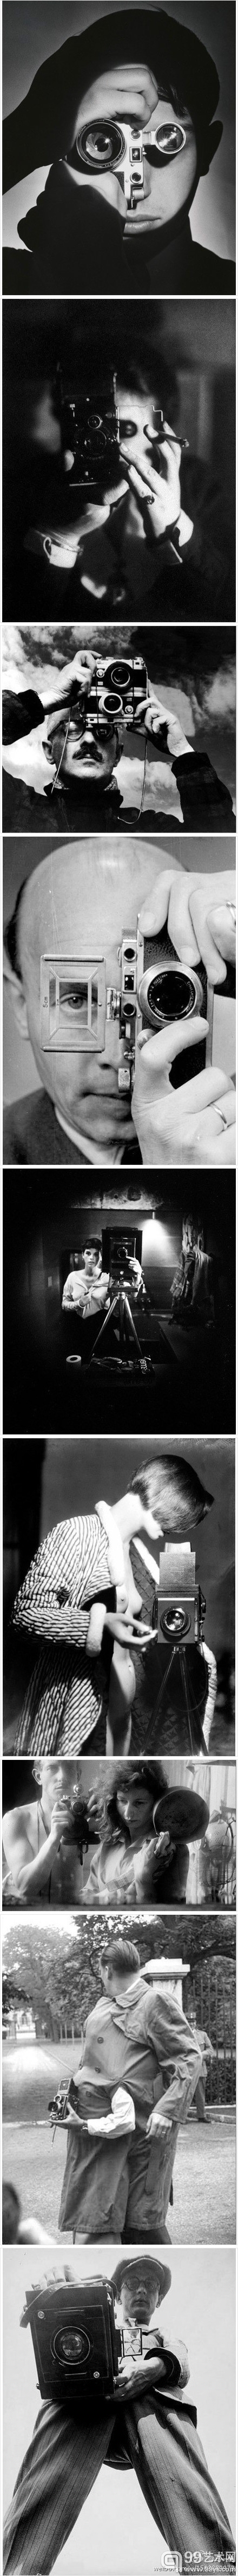 @马一鹰:摄影大师的工作照或自拍照(组照)